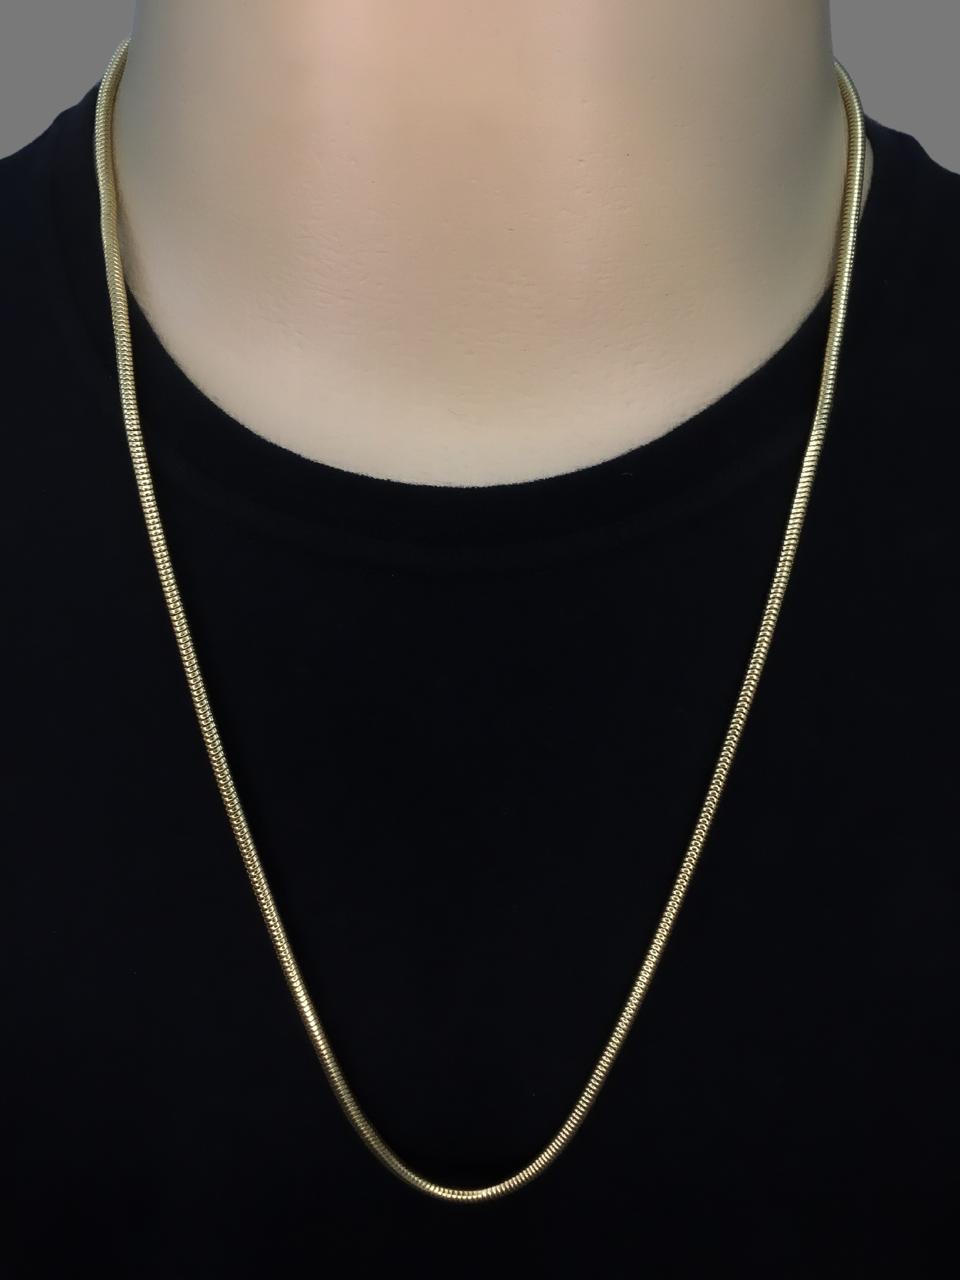 Cordão Rabo de Rato -  3 milímetros - 70 Centímetros - fecho Canhão - Banhado a ouro 18 k